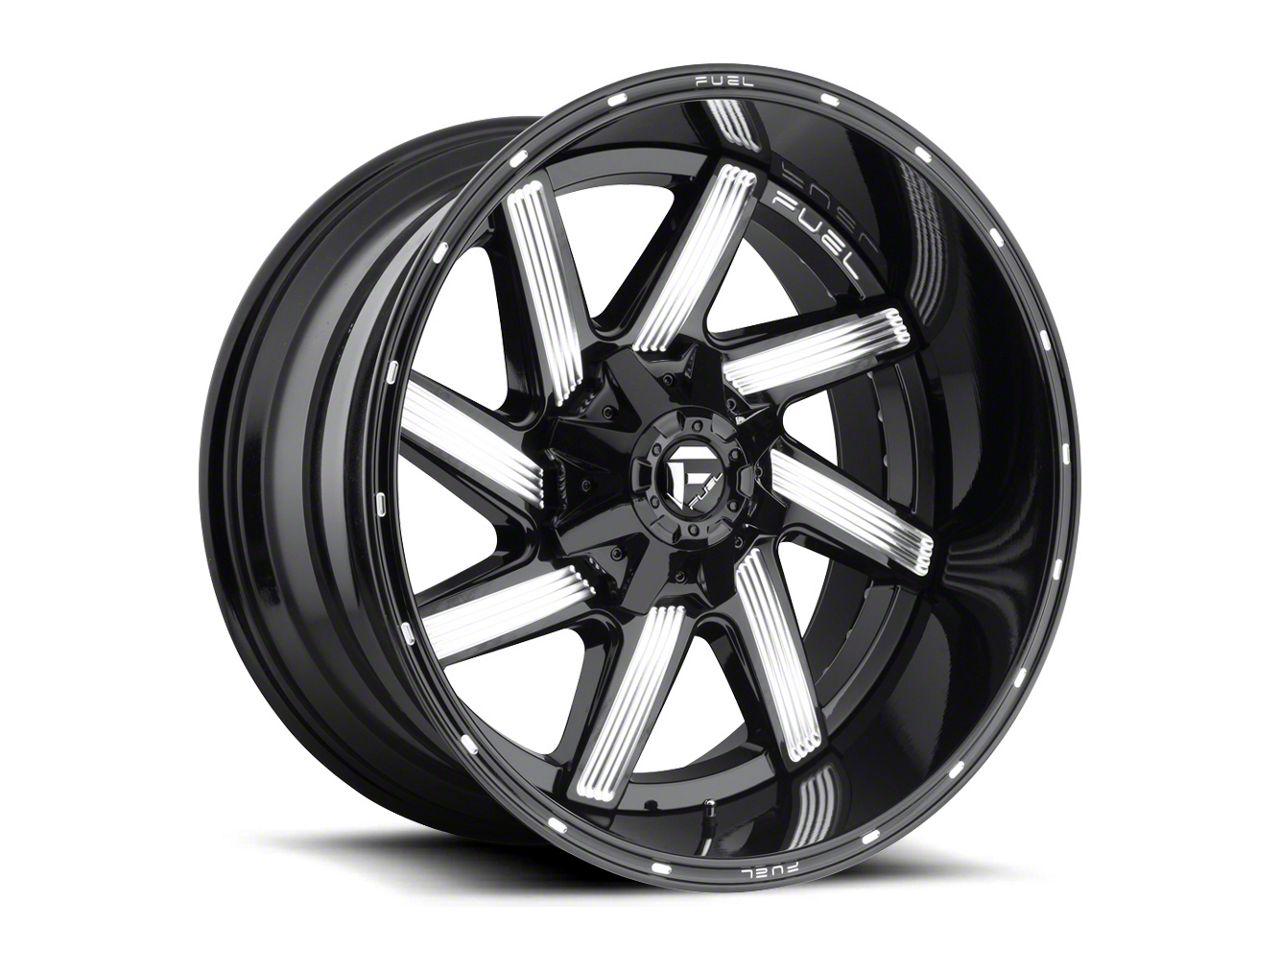 Fuel Wheels Moab Gloss Black Milled 6-Lug Wheel - 22x10 (99-18 Silverado 1500)